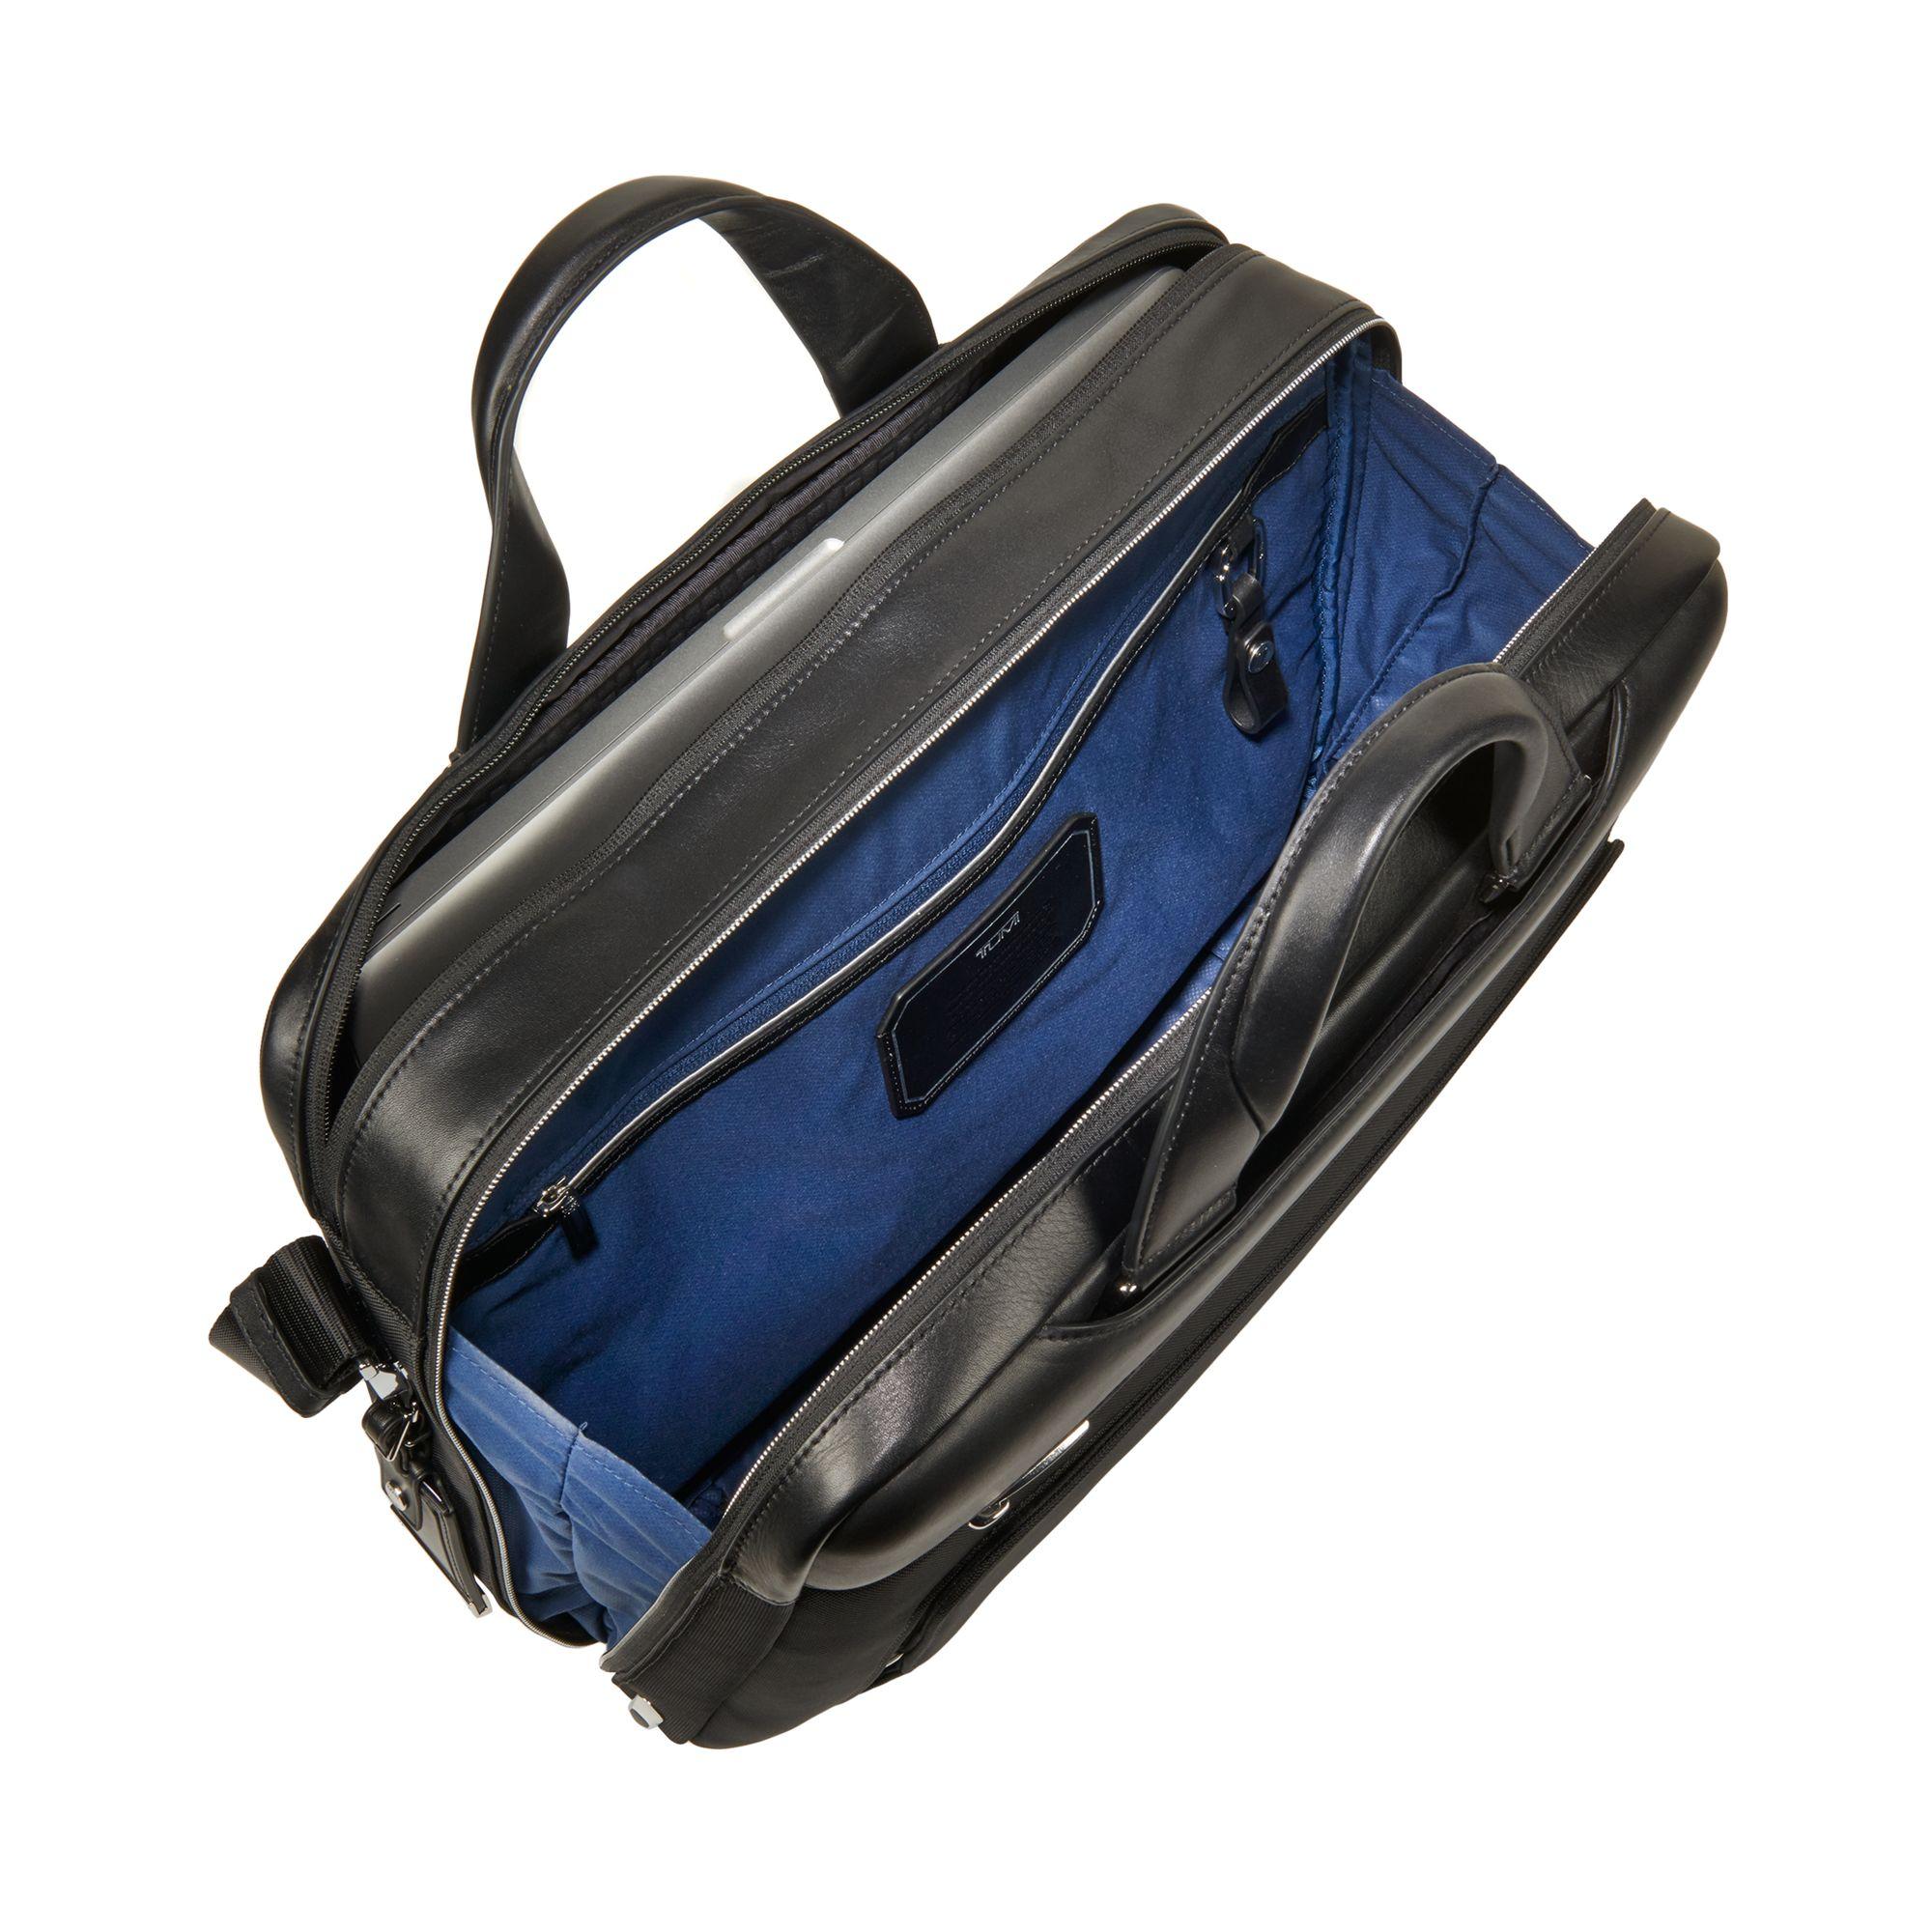 TUMI [トゥミ] 255003 ARRIVE ブリーフケースフ ビジネスバッグ / FAIRBANKS BRIEF[並行輸入品]    ✈✈✈通勤カバン・出張バッグをお探しですか??>✈✈✈